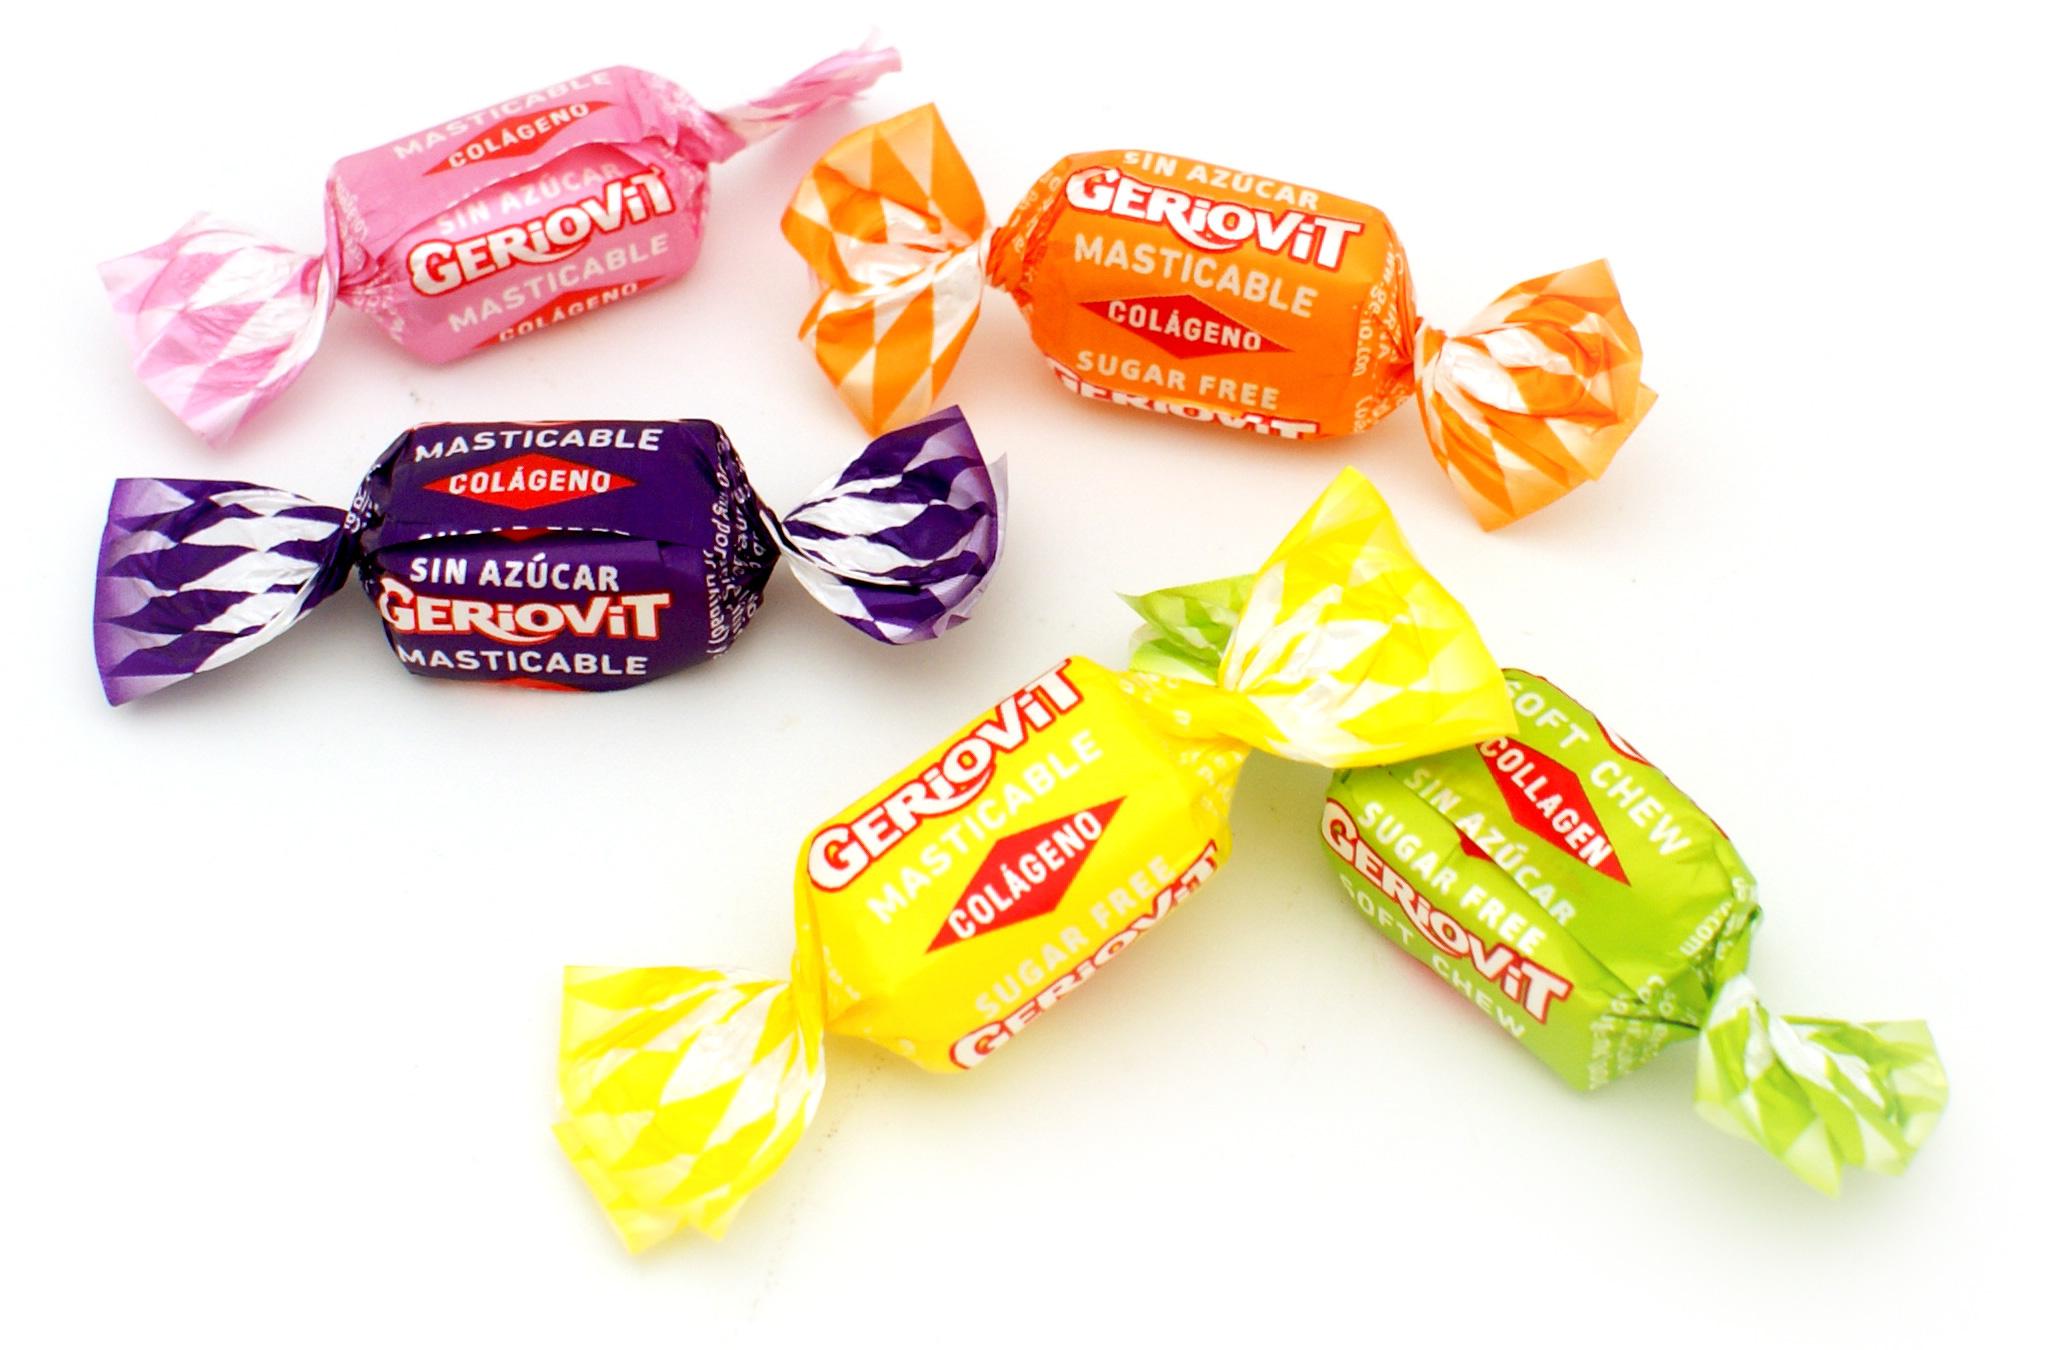 Caramelos masticables sin azúcar Geriovit con colágeno